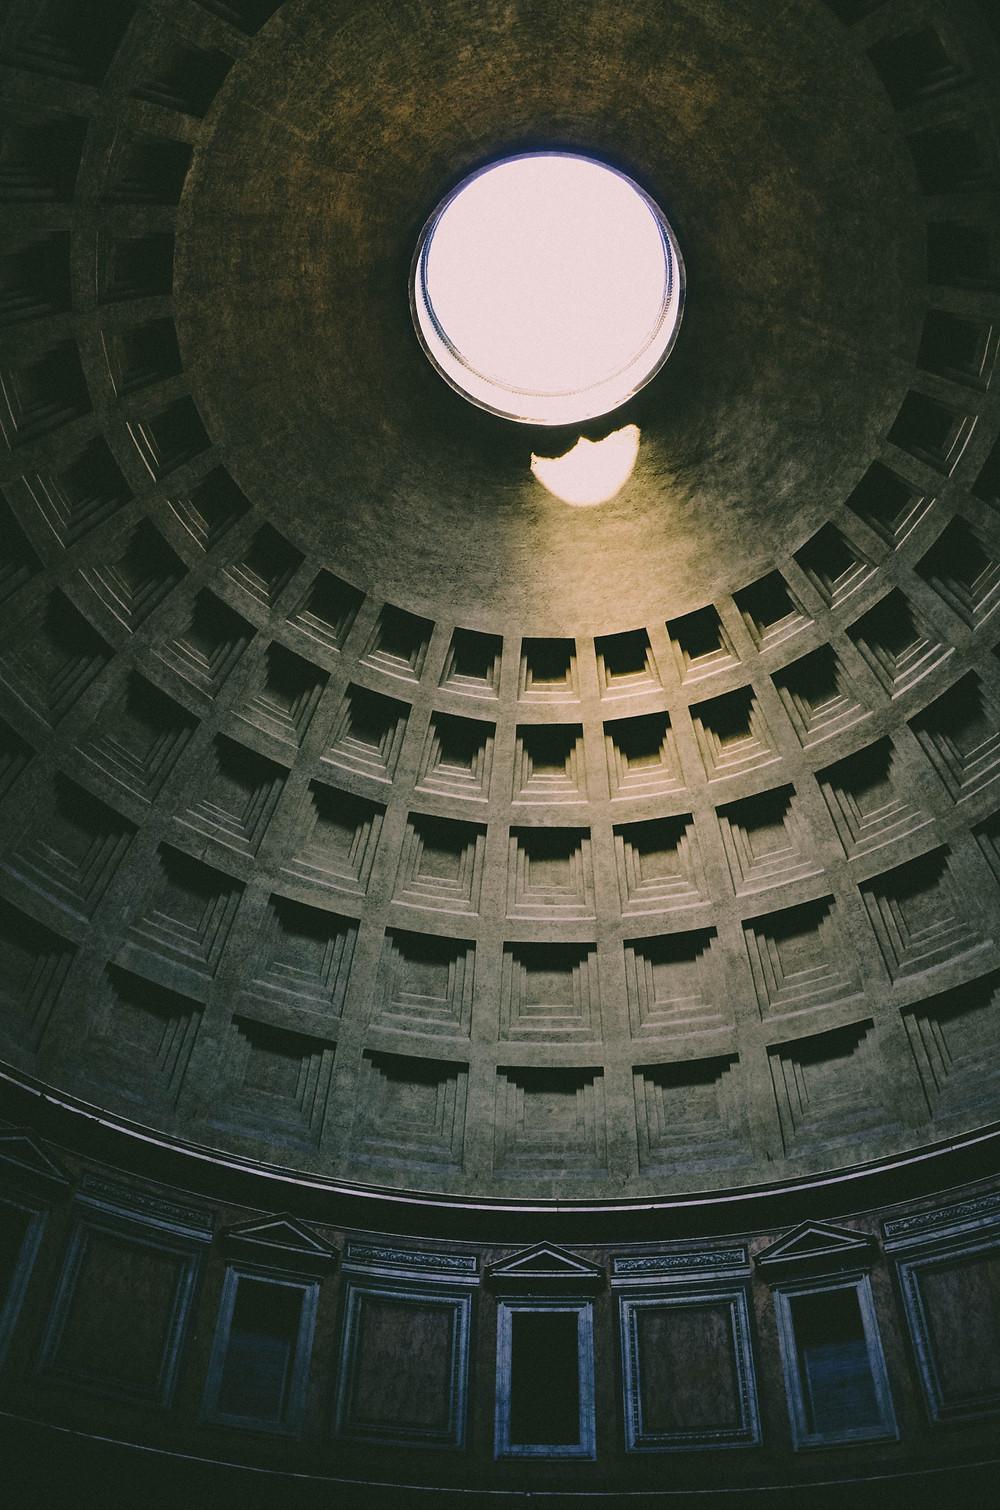 foto da cupula do pantheon em roma